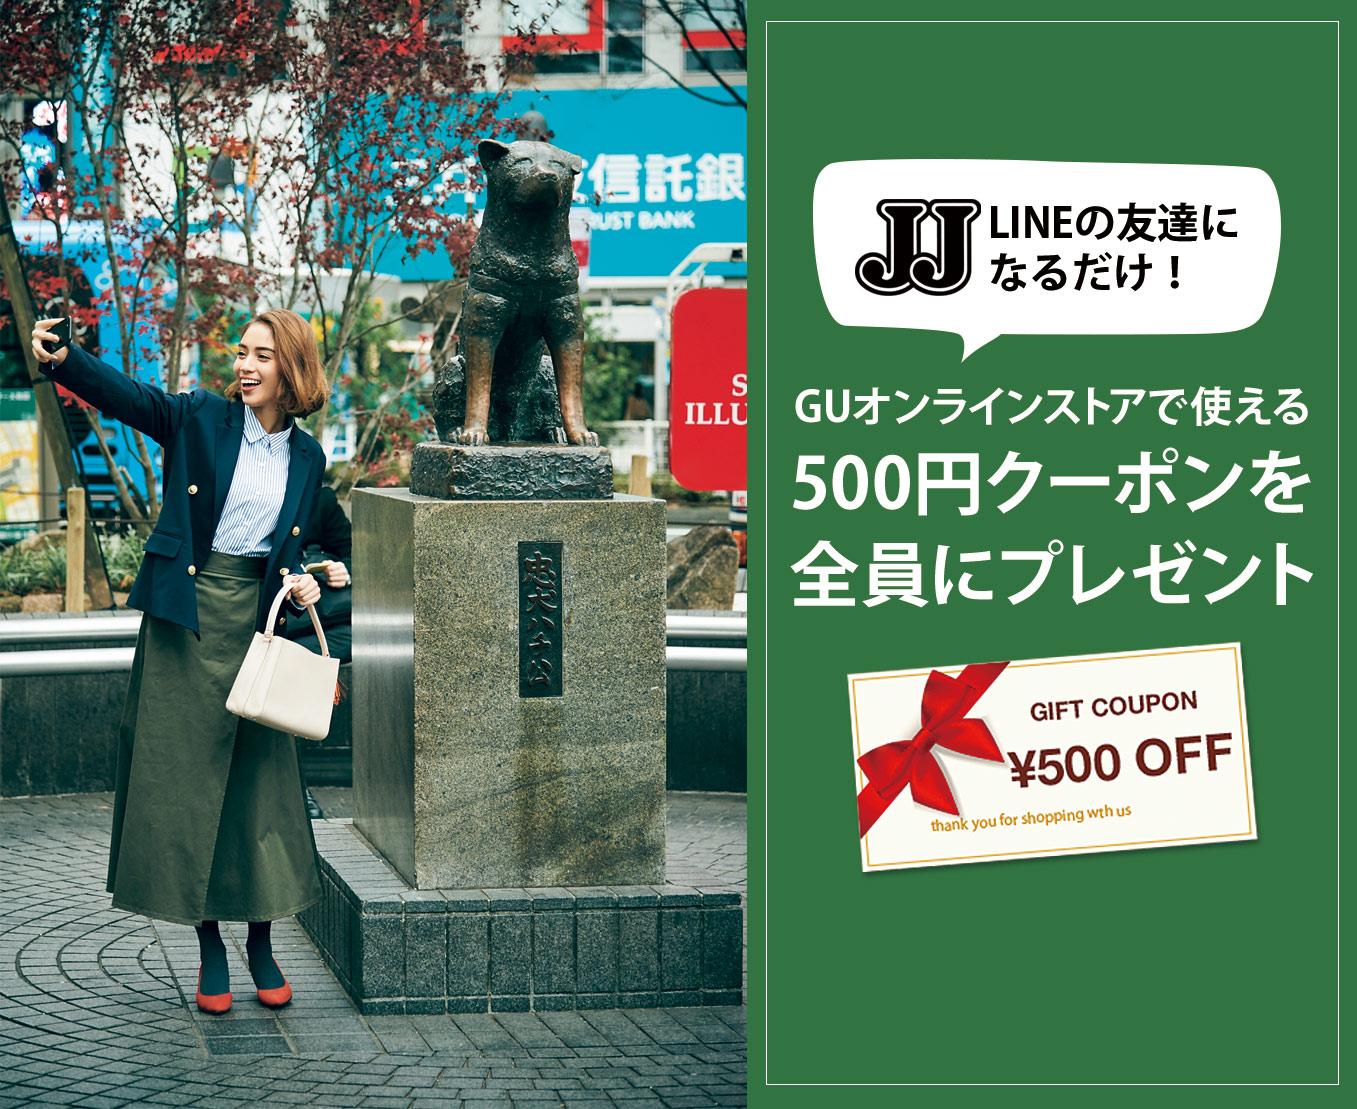 J LINEの友達になるだけでGUオンラインストアで使える500円クーポンを全員にプレゼント!